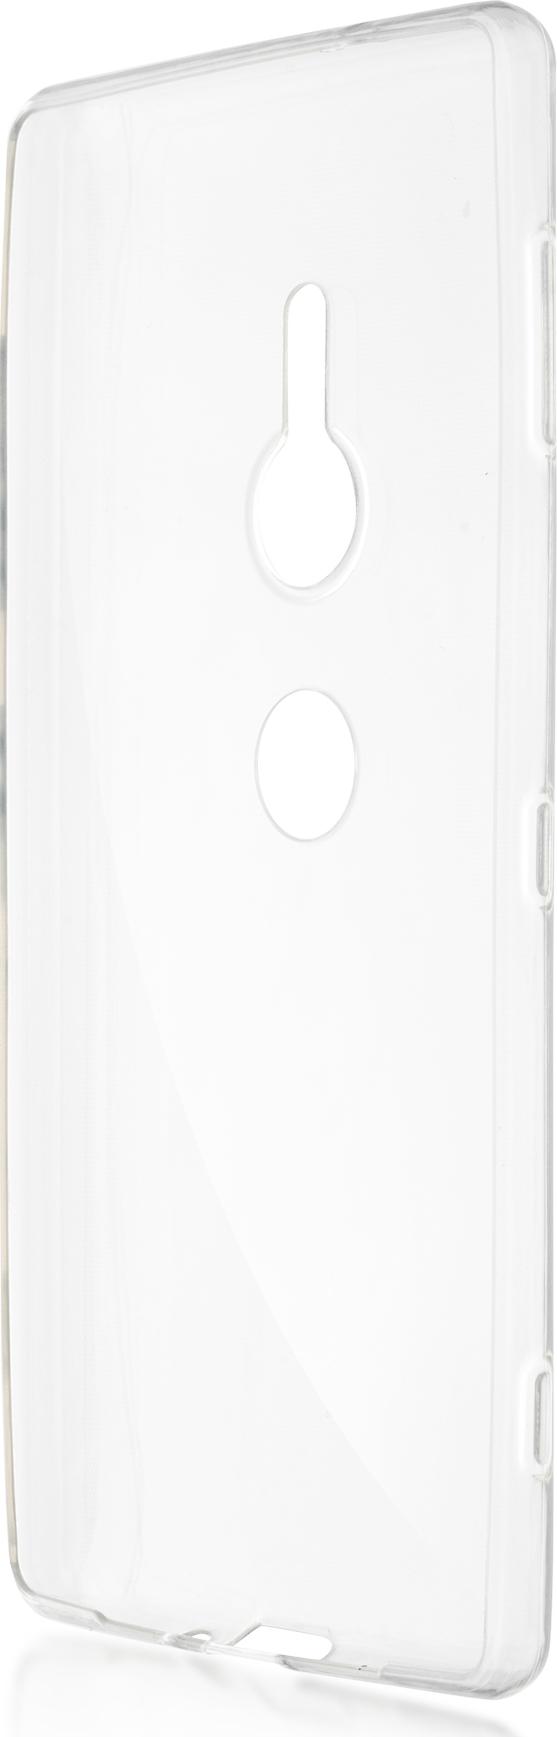 Чехол Brosco TPU для Sony Xperia XZ2, прозрачный